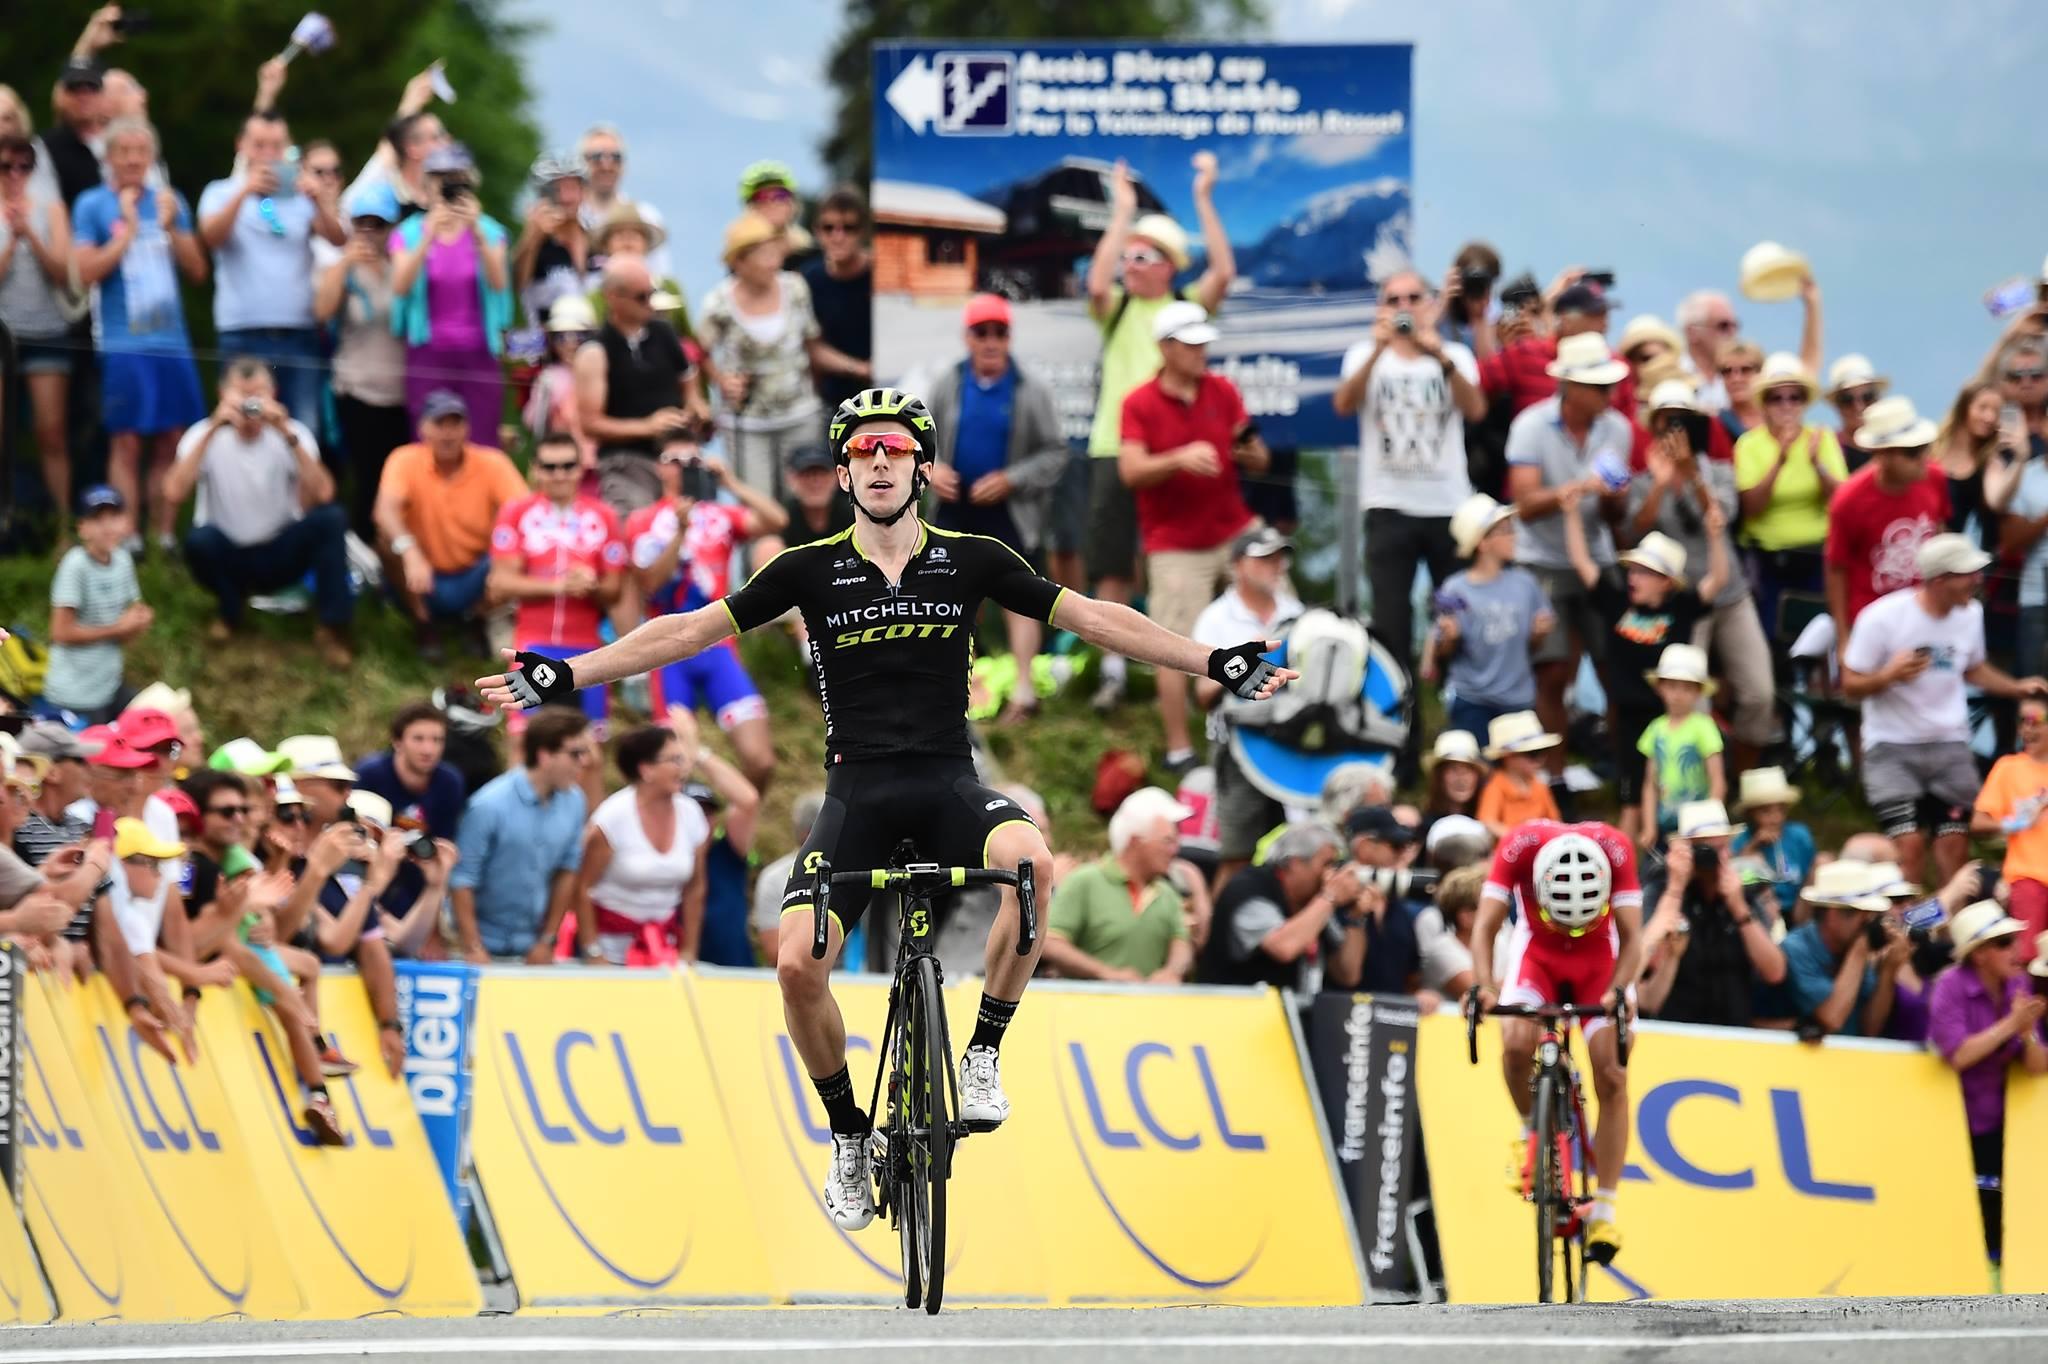 Adam Yates vince l'ultima tappa del Critérium du Dauphiné 2018